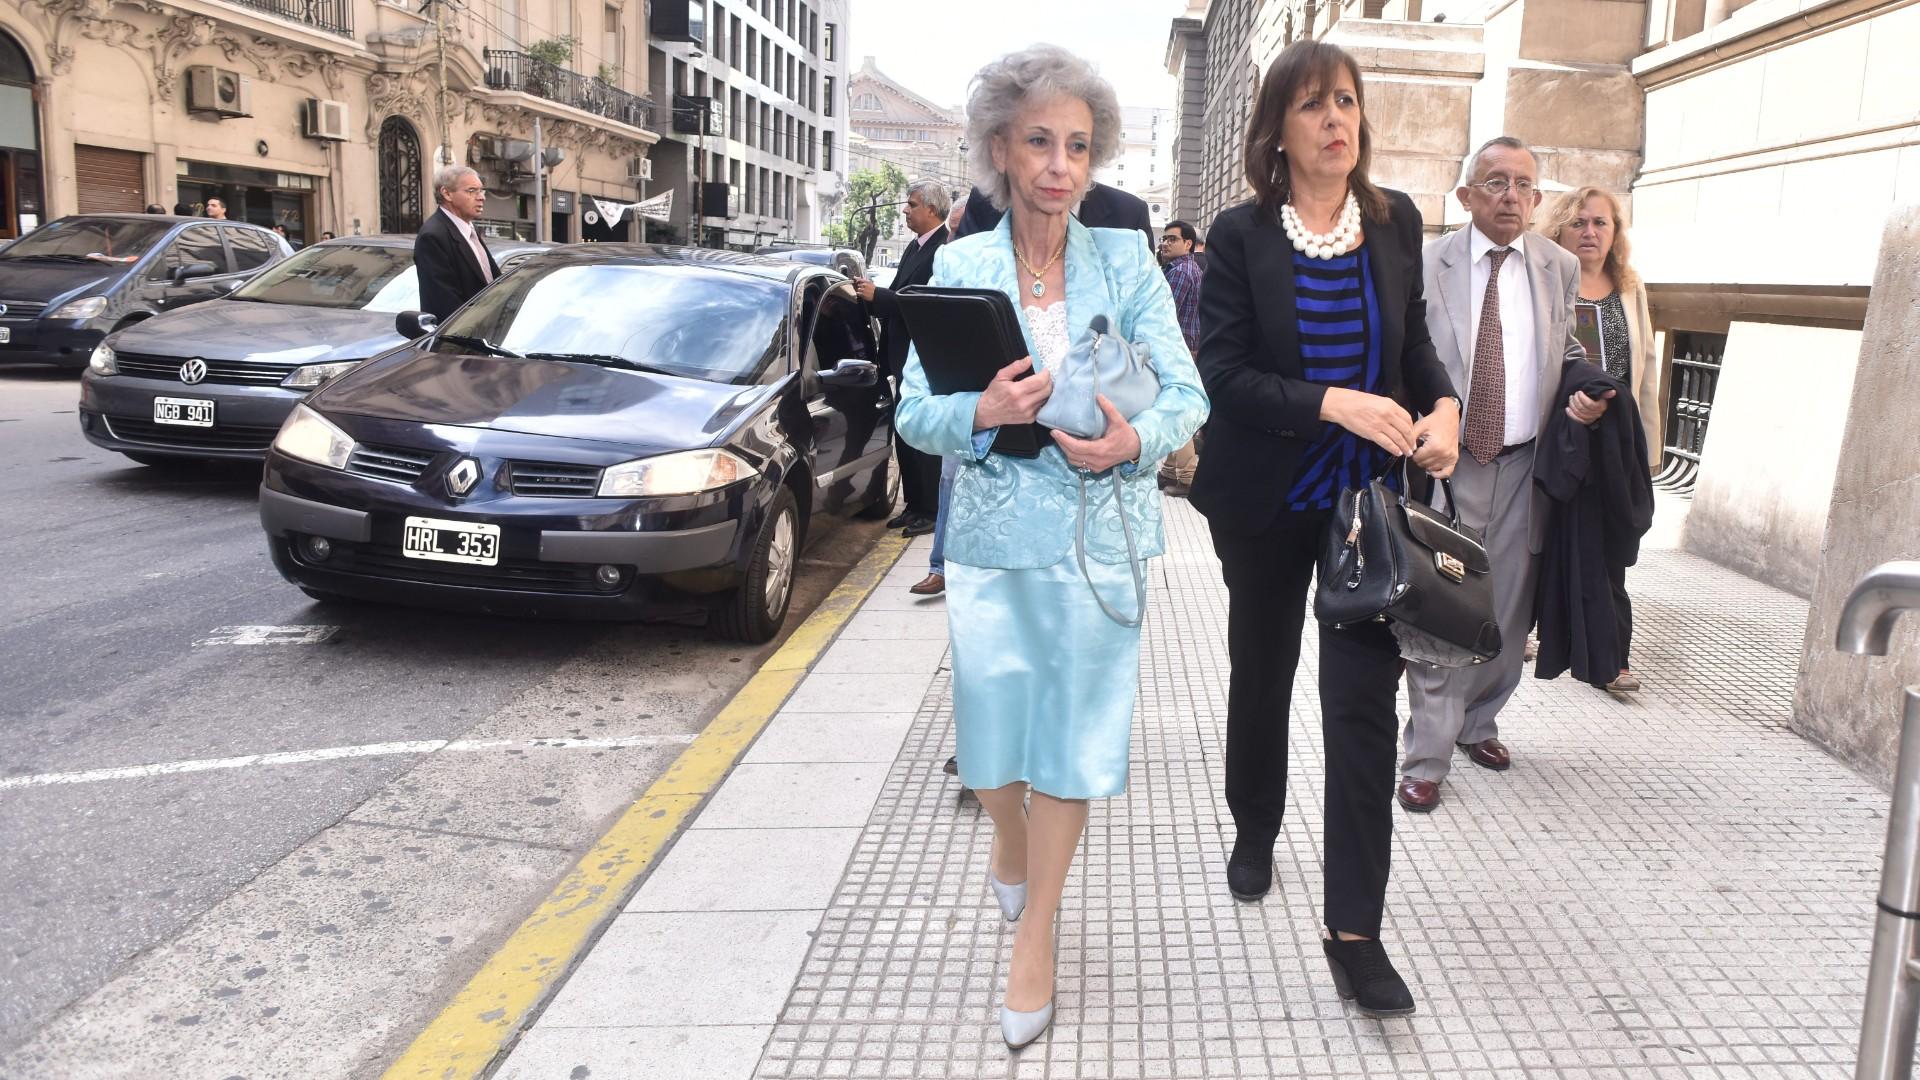 La jueza Liliana Catucci llegando a Tribunales (Adrián Escandar)